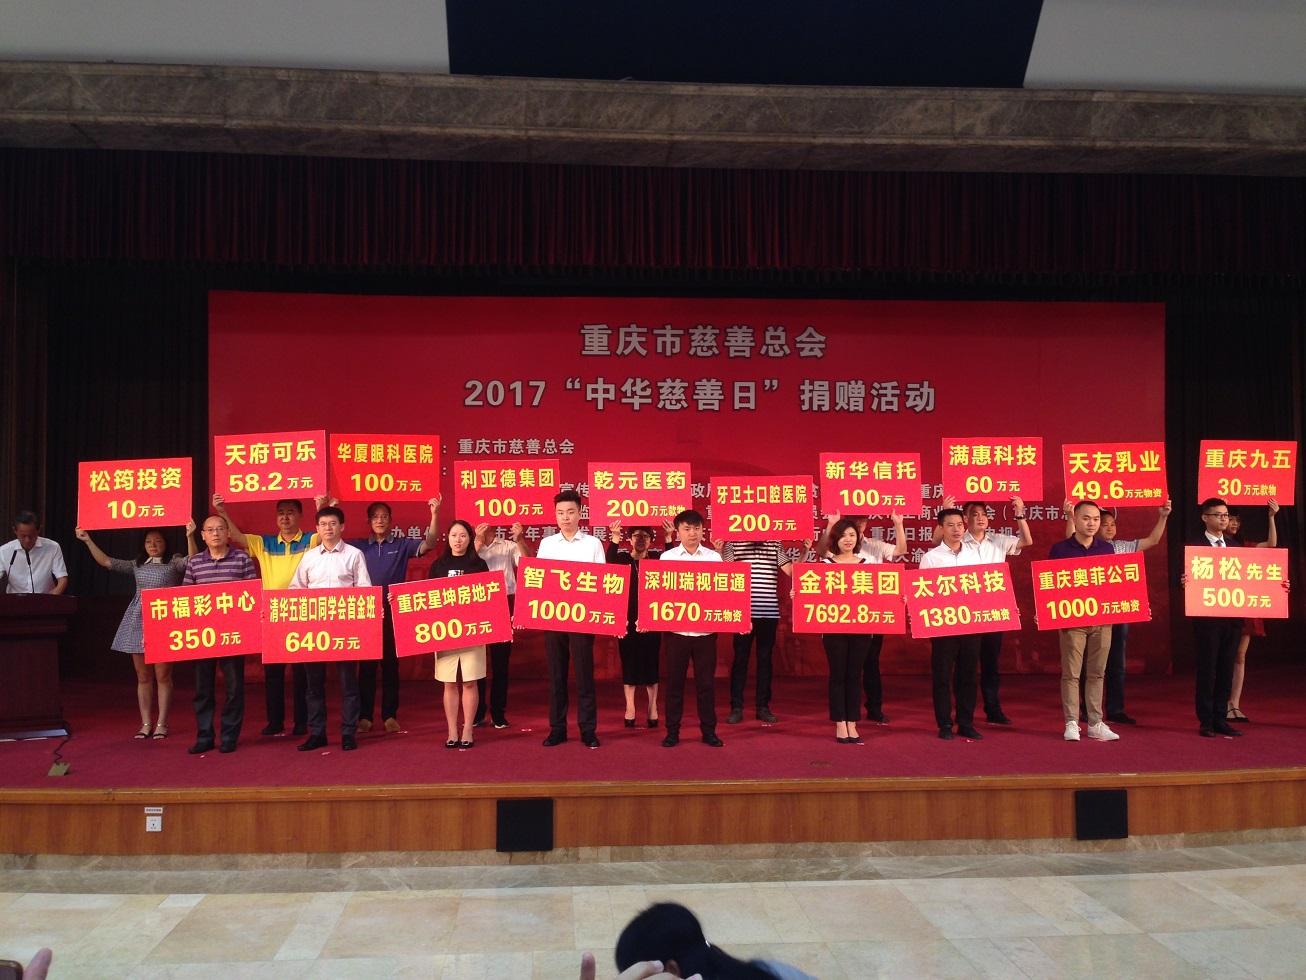 中华慈善突出贡献奖_社会公益 重庆市中科控股有限公司